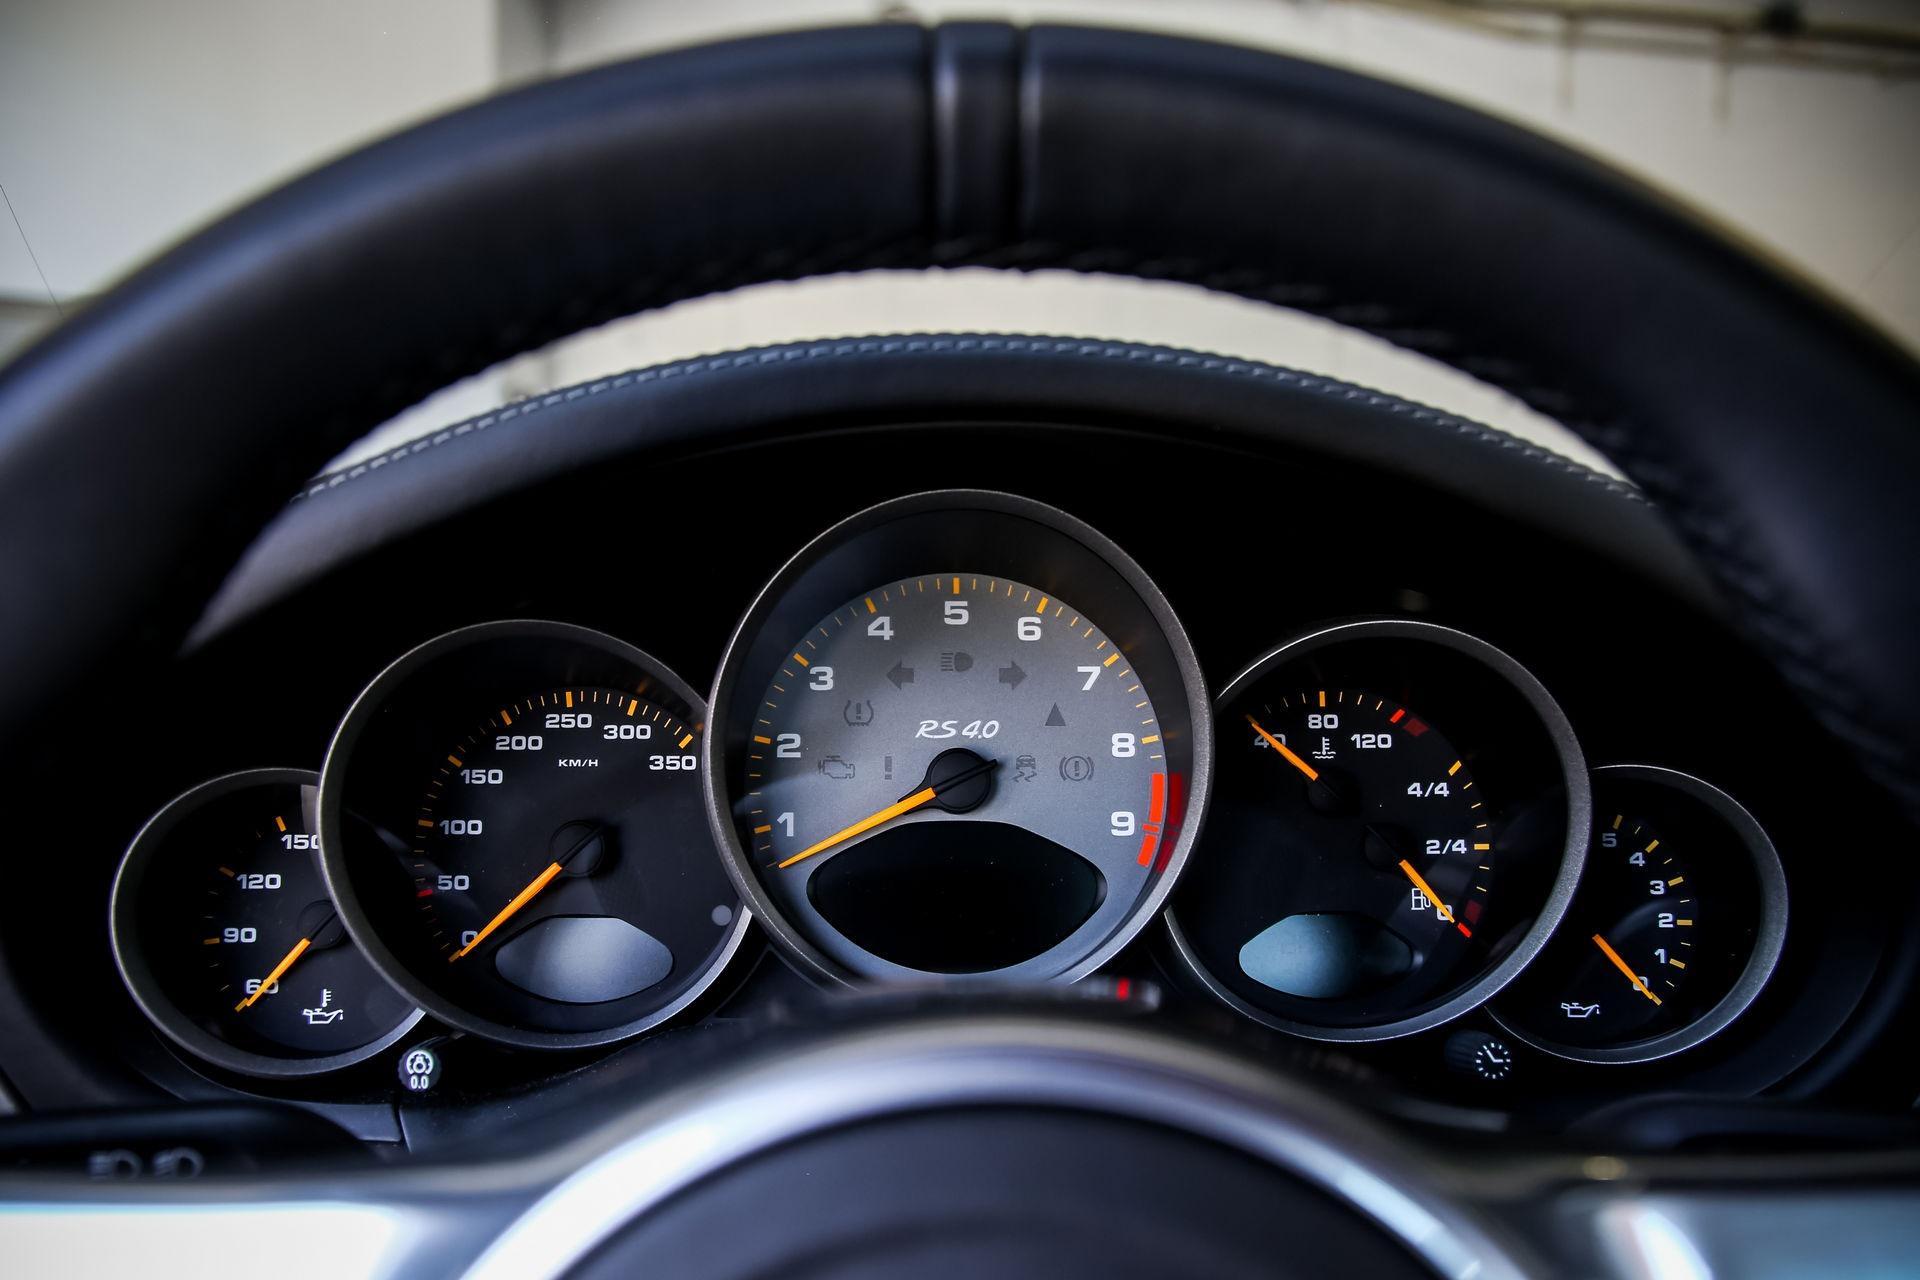 Ngam nhin Porsche 911 GT3 RS 4.0 2011 phien ban gioi han dac biet anh 15